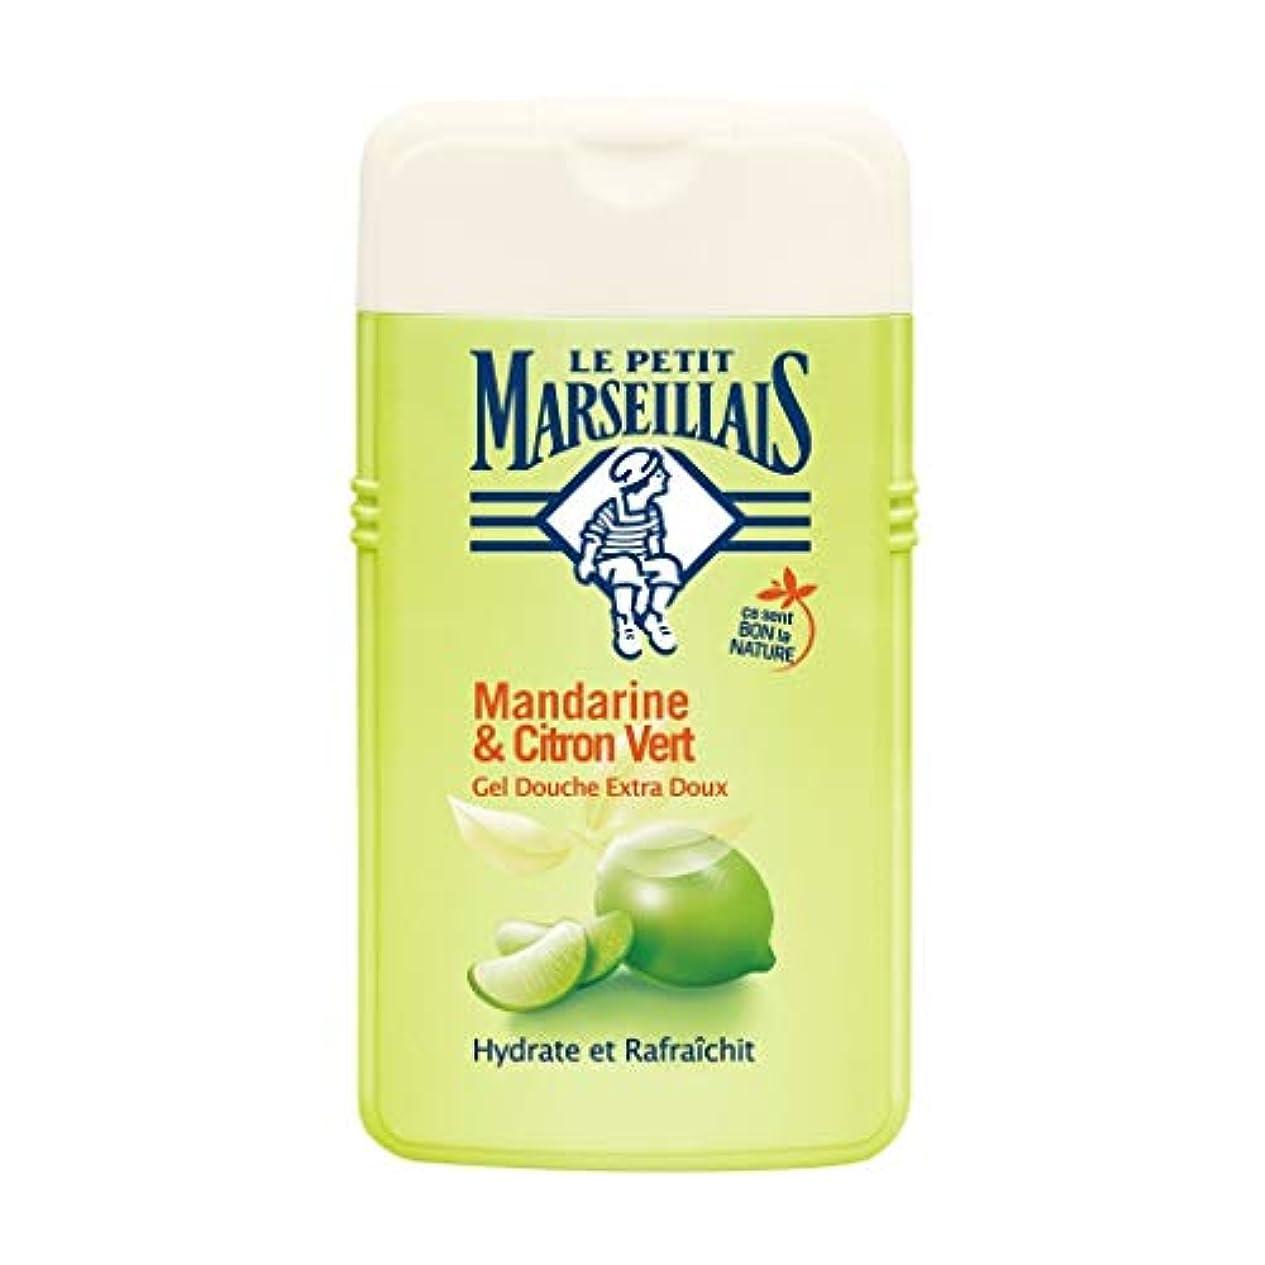 スケジュールクラック呪いル プティ マルセイユ Le Petit Marseillais シャワージェル/ボディソープ (マンダリンオレンジ と ライム, 250 ml)